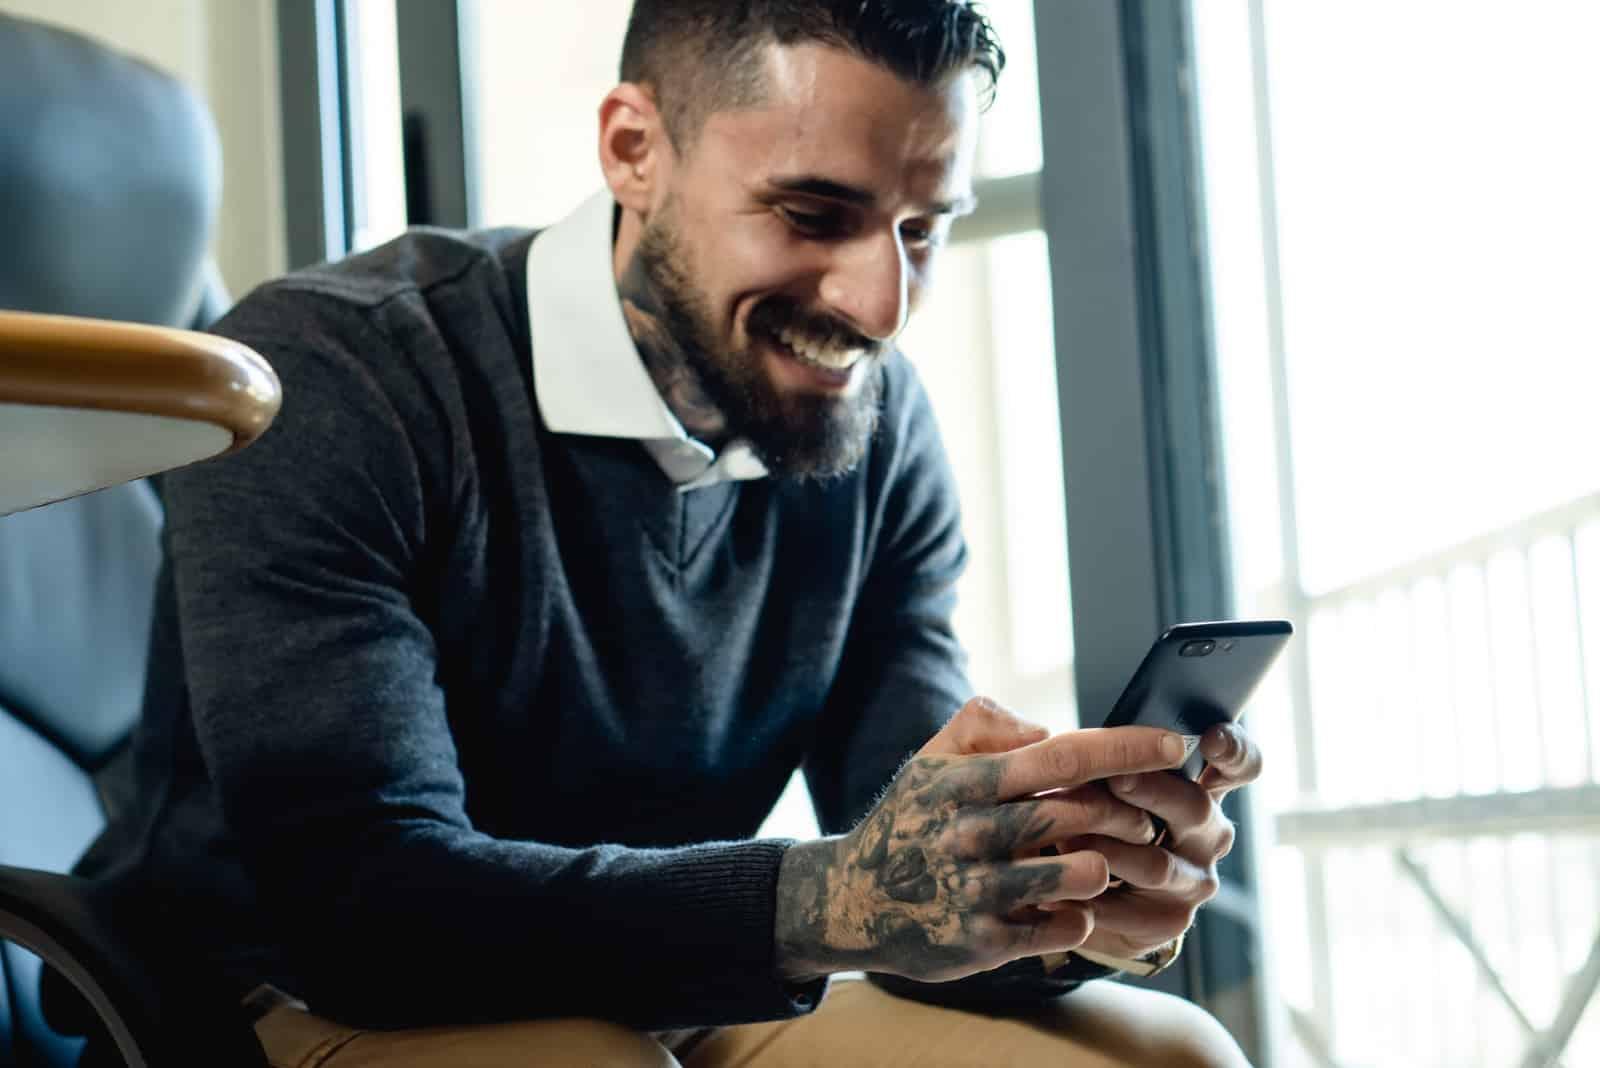 homme barbu heureux utilisant un smartphone